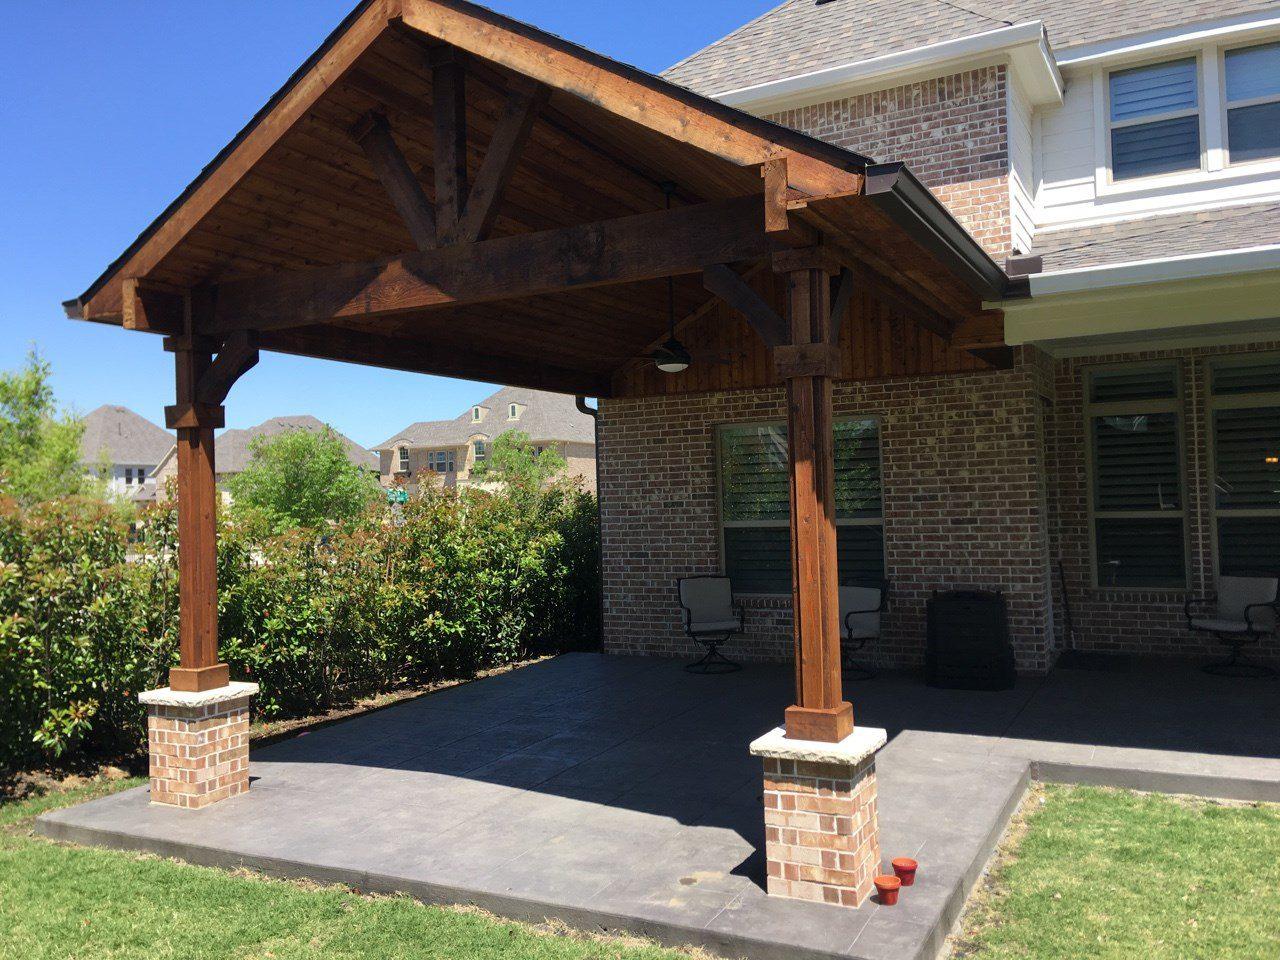 Patio Covers   Beautiful Backyard Living   Frisco, TX ... on Backyard Patio Covers  id=18081